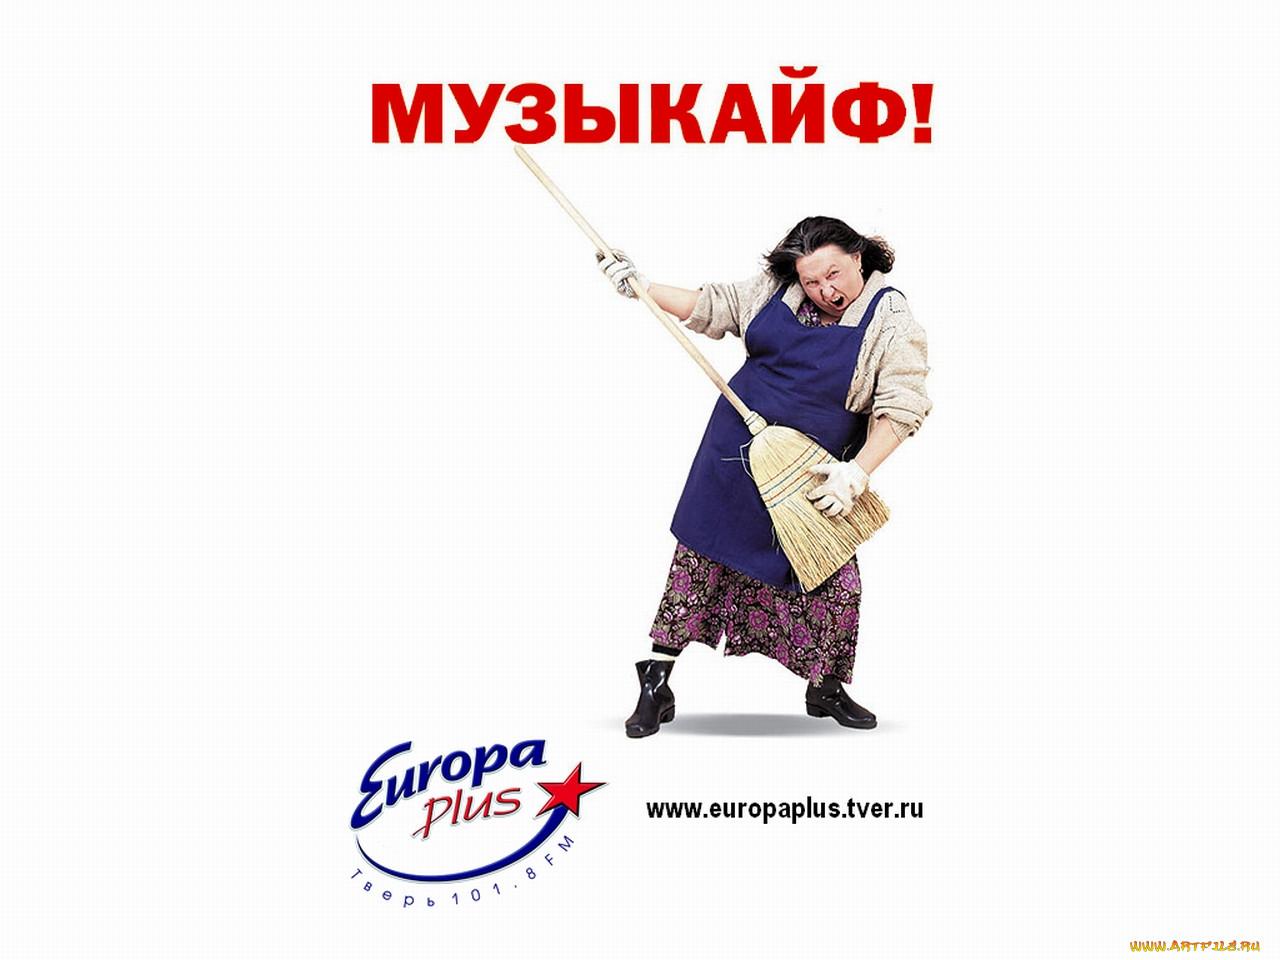 рекламе смешные картинки россия европа плюс первый раз